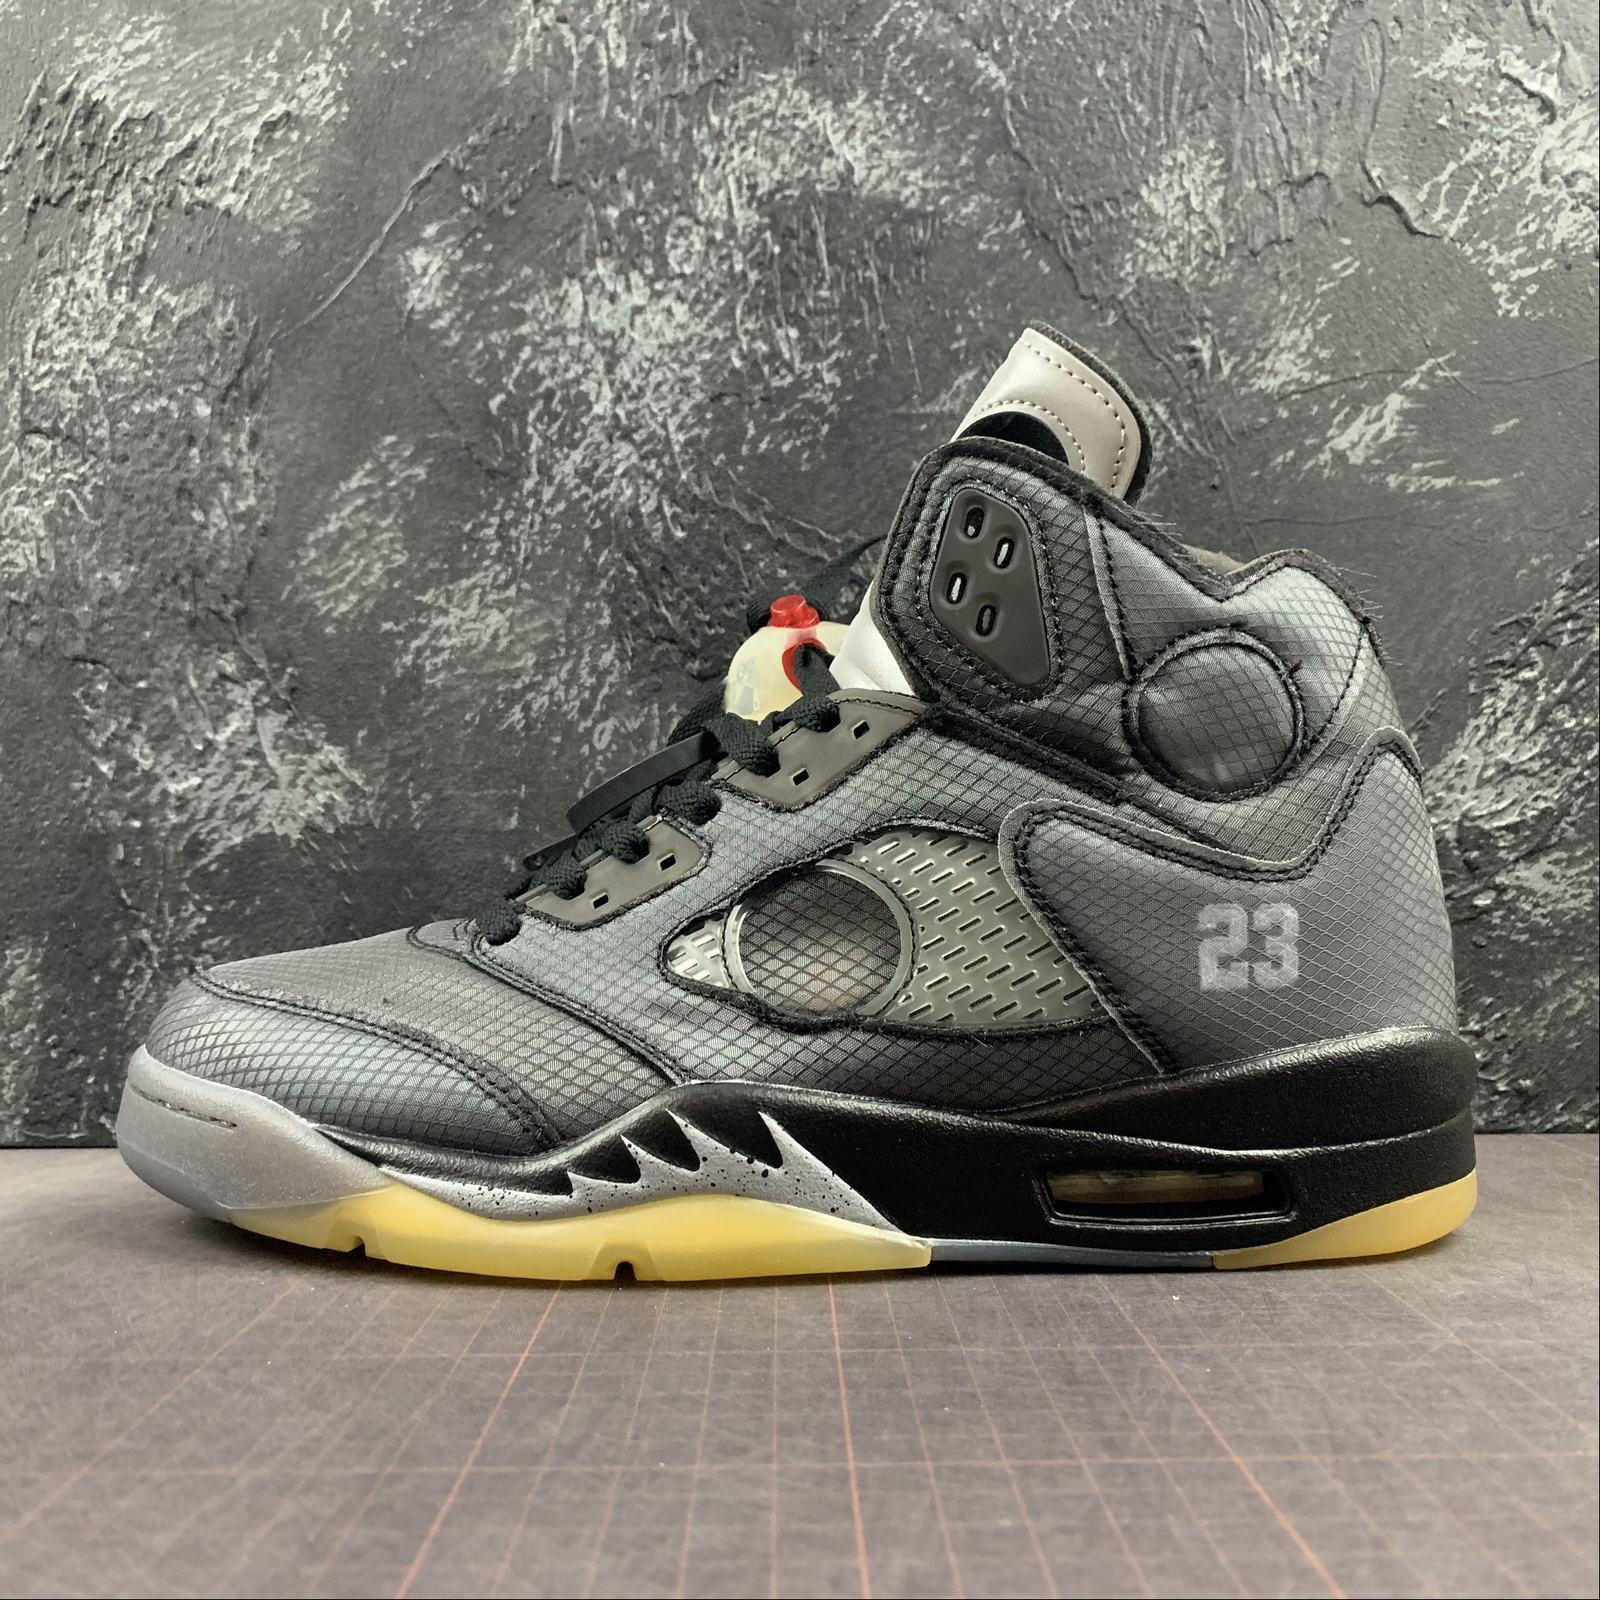 Air Retro Jordan Jordans shoes Üst Basketbol Ayakkabıları Jumpman Hangi yangın alternatif Oregon Bel Spor Üzüm 5S Kadın Erkek Eğitmenler Spor Sneakers